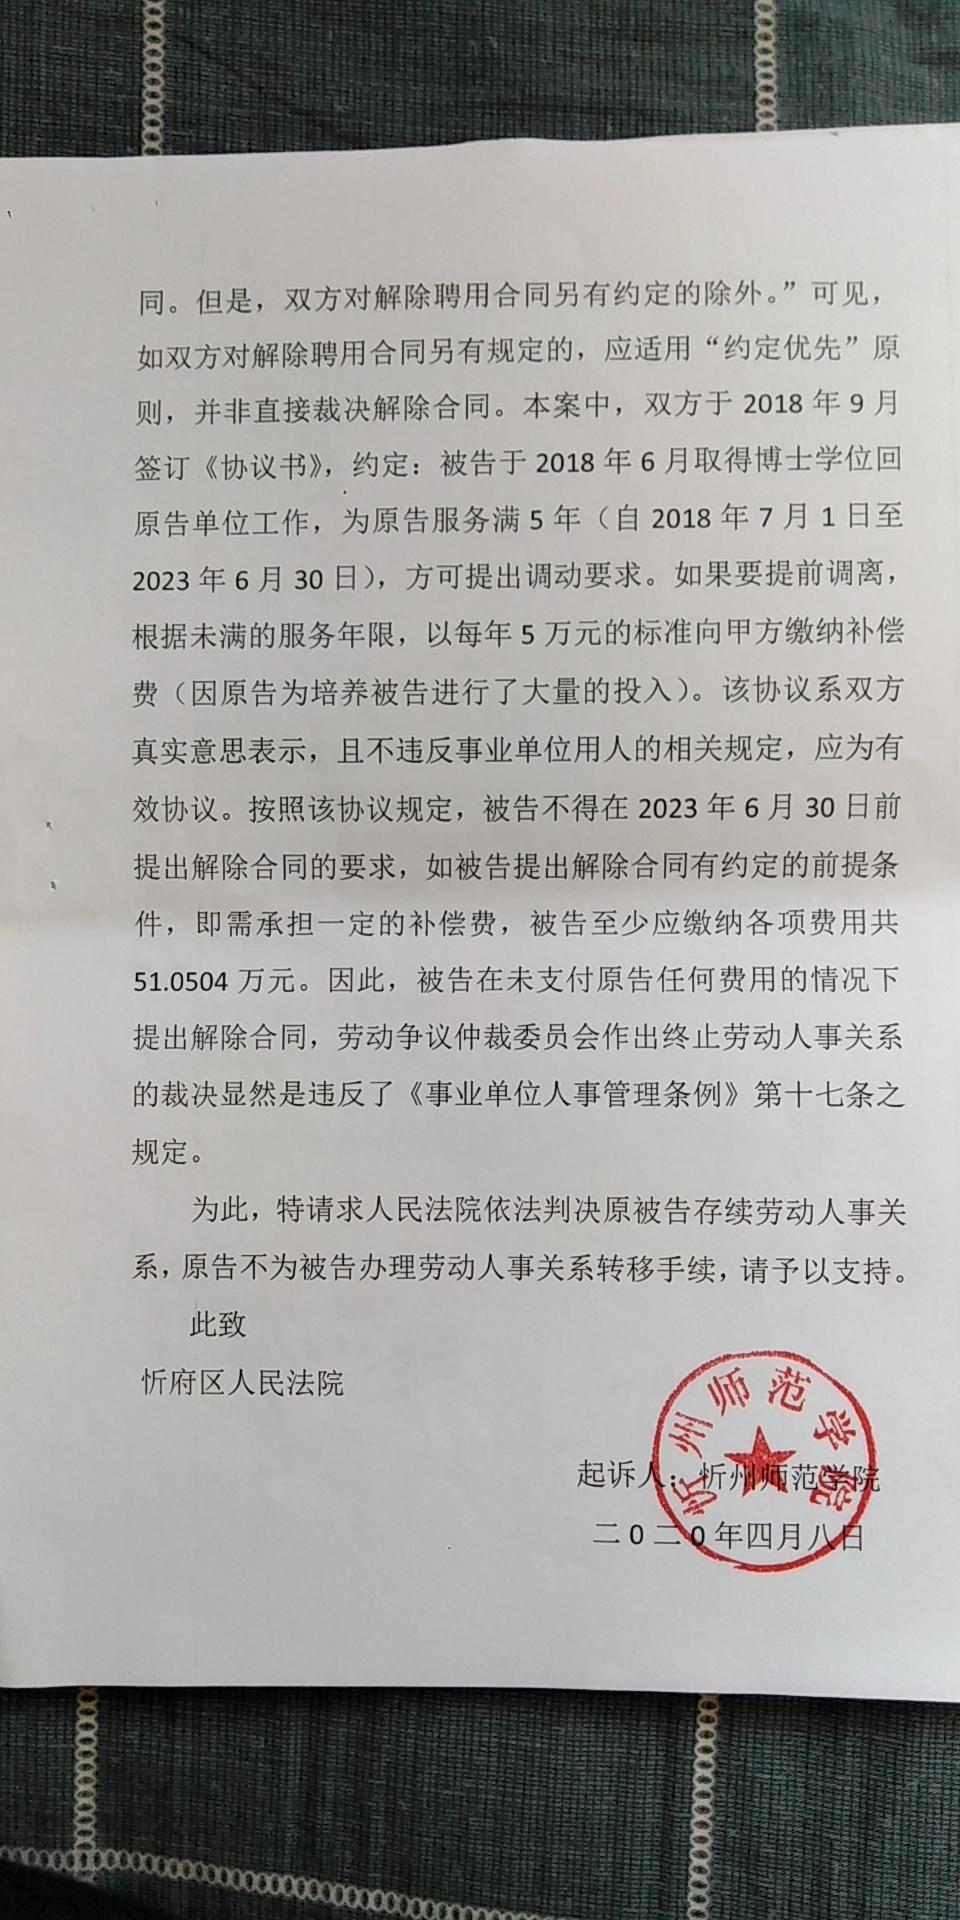 忻州师范学院的《起诉书》。 本文图片除标注外均由受访者提供